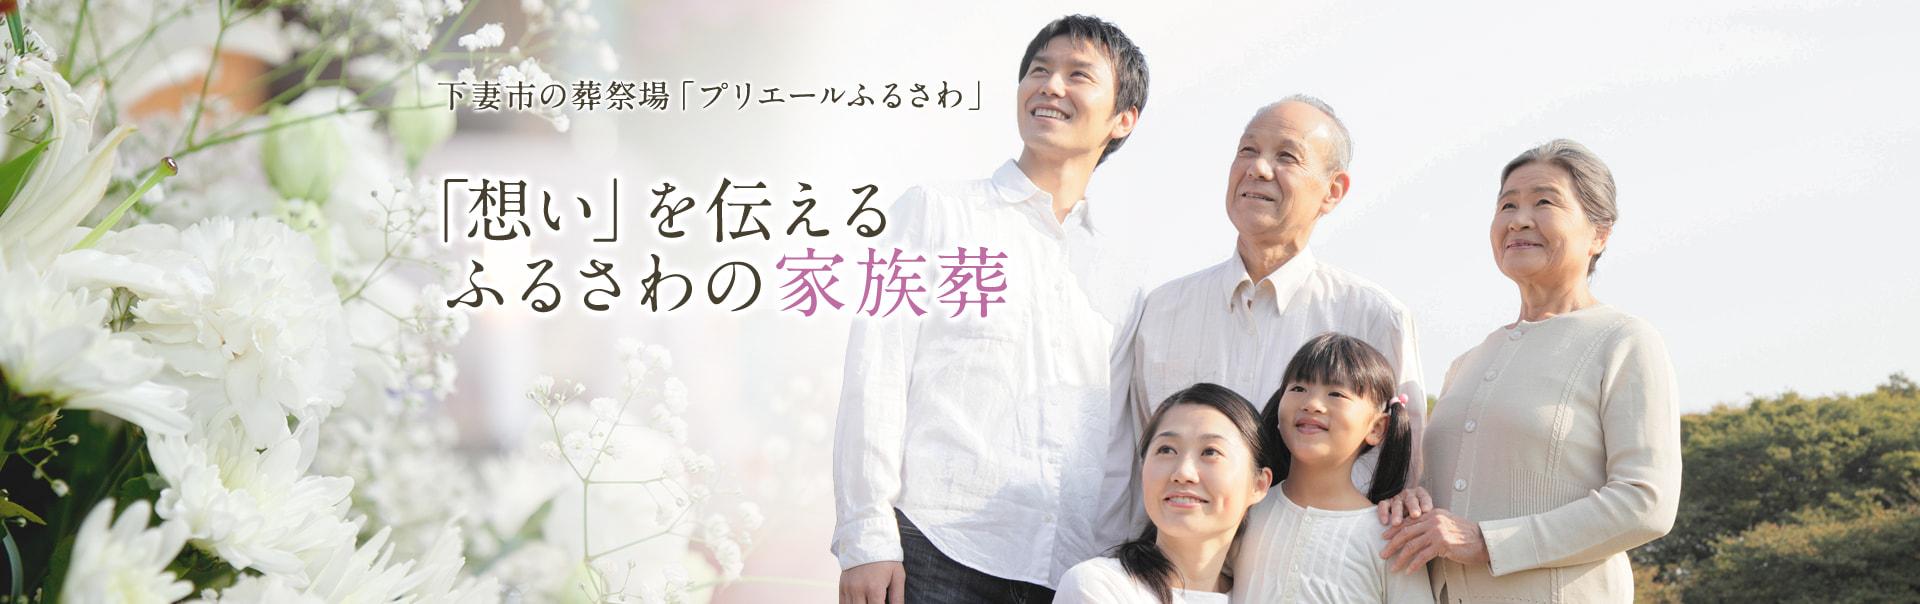 下妻市の葬祭場「プリエールふるさわ」「想い」を伝えるふるさわの家族葬